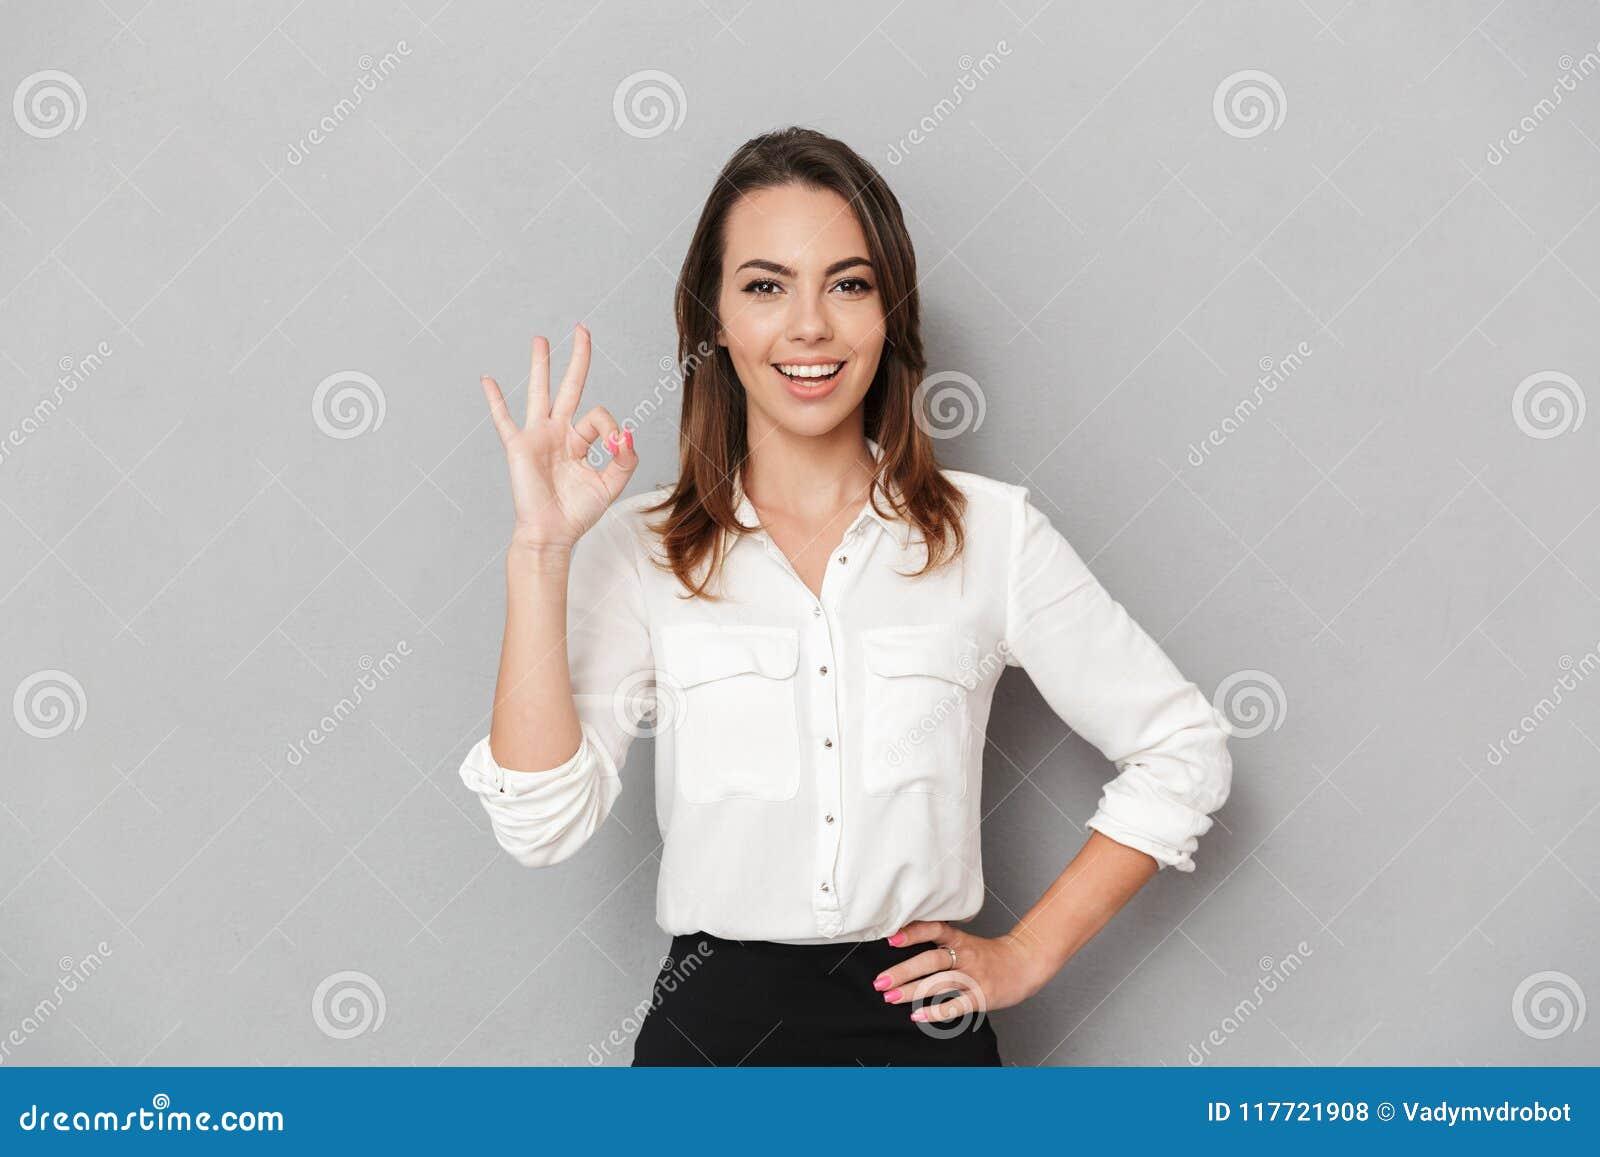 Retrato de una mujer de negocios joven sonriente